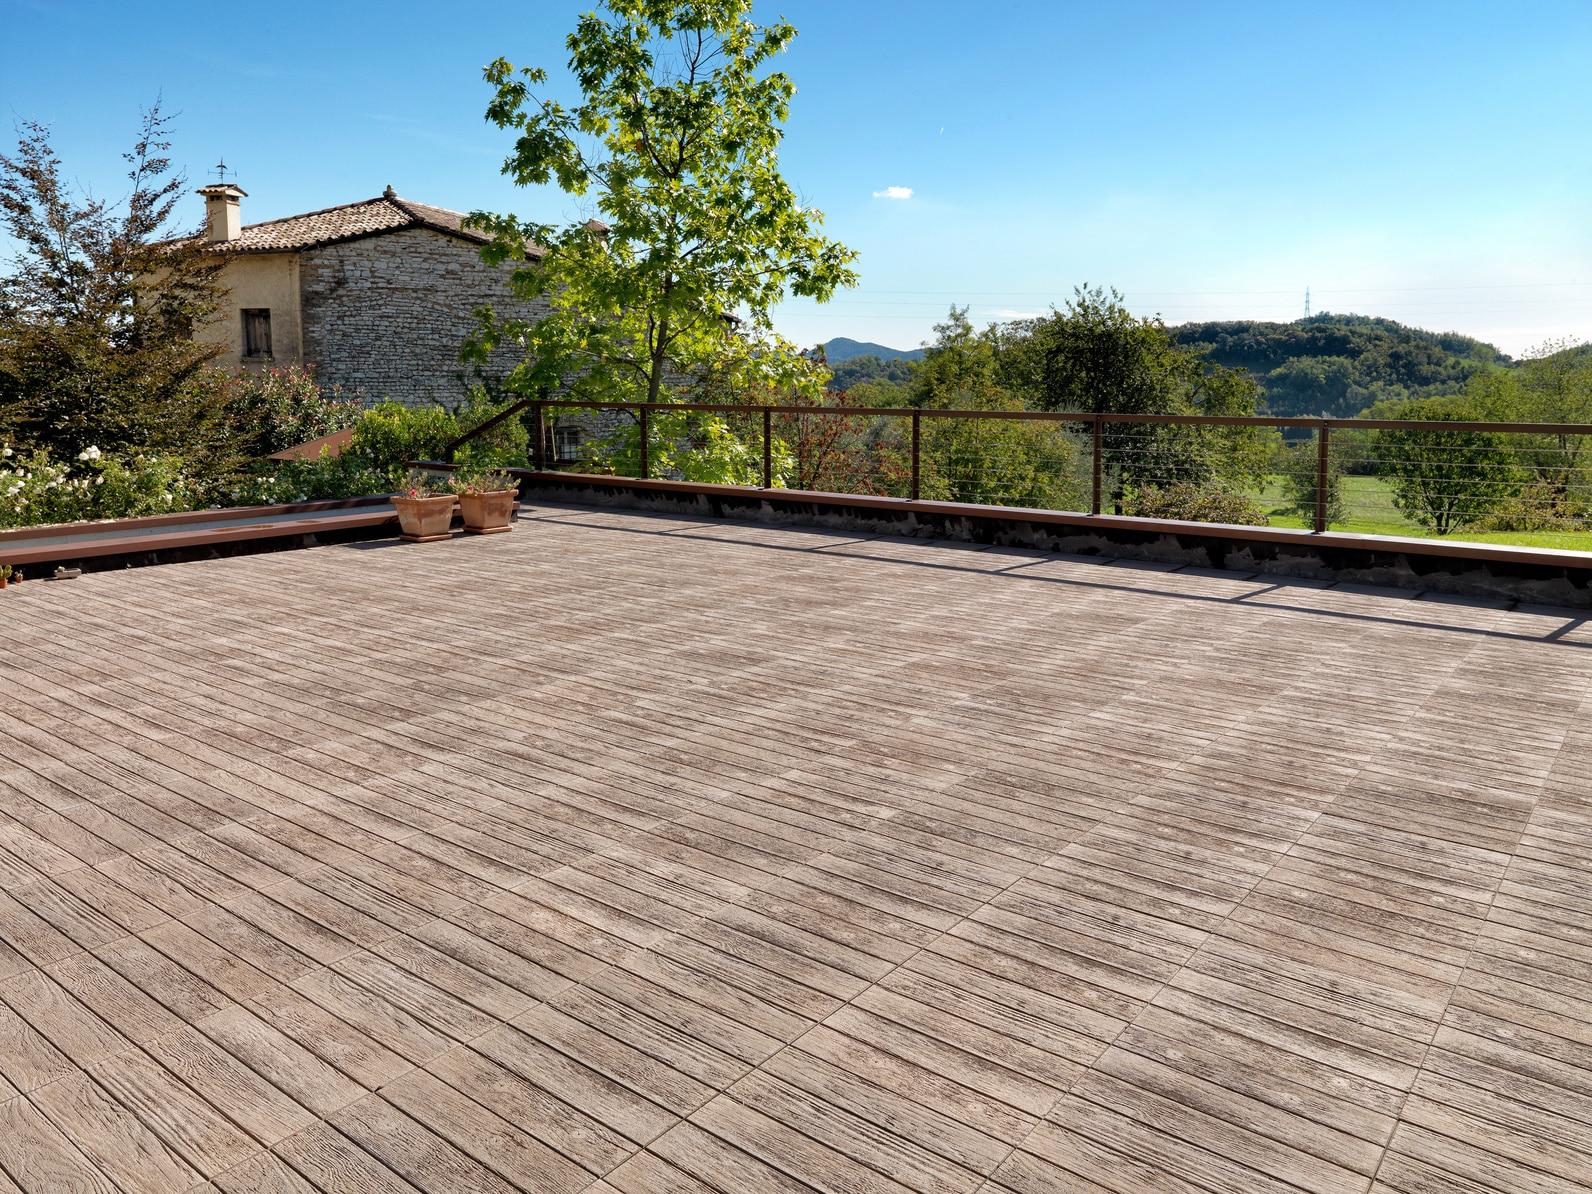 Produit Pour Nettoyer Terrasse En Bois les tarifs de rénovation d'une terrasse en bois